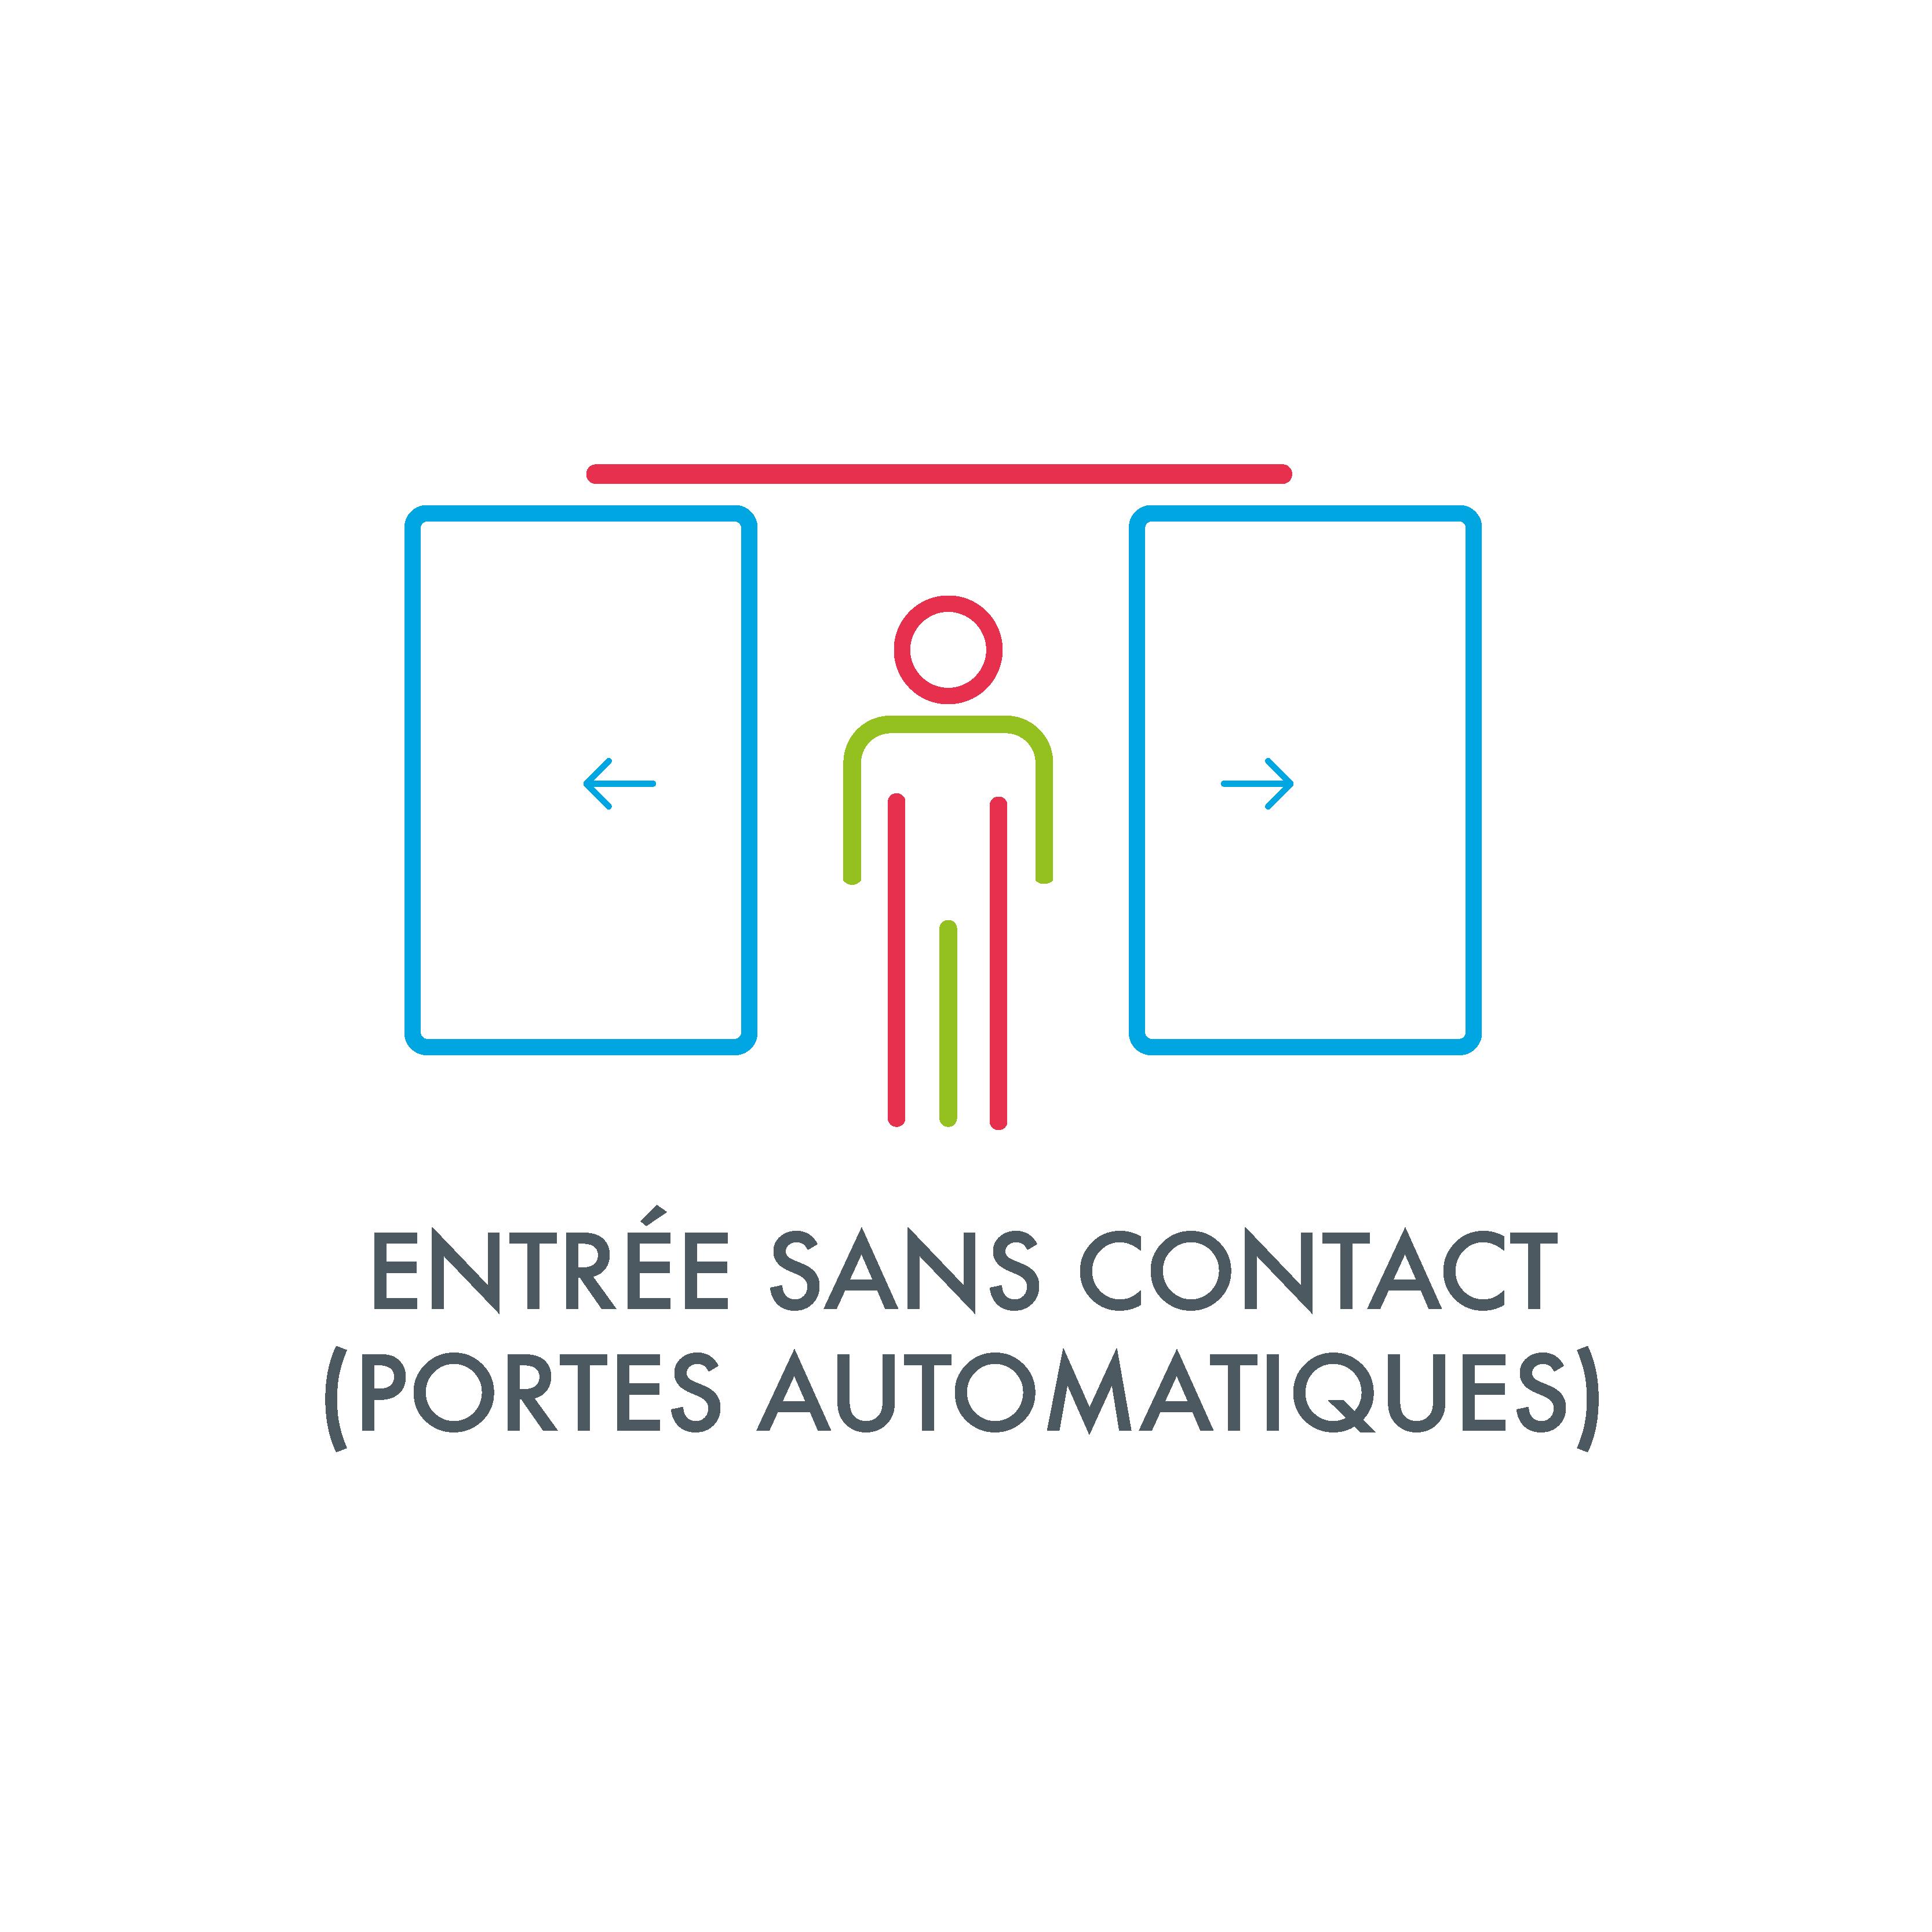 Entree_sans_contact